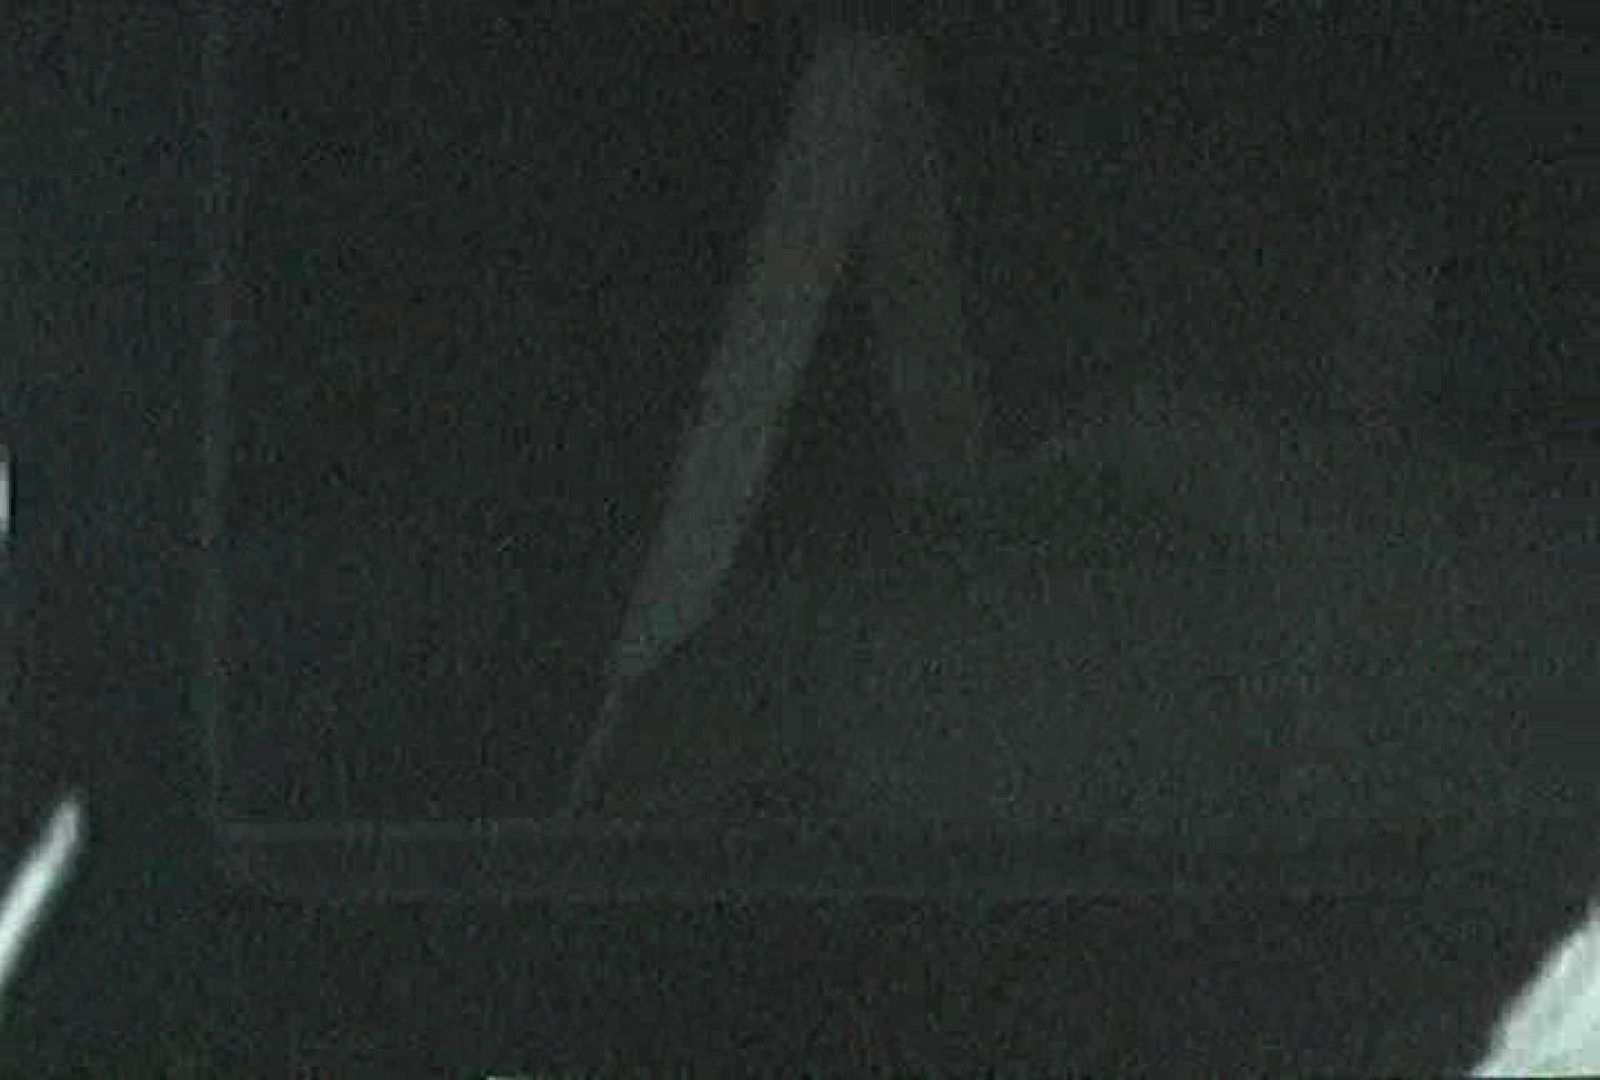 充血監督の深夜の運動会Vol.49 赤外線 AV無料動画キャプチャ 83画像 71